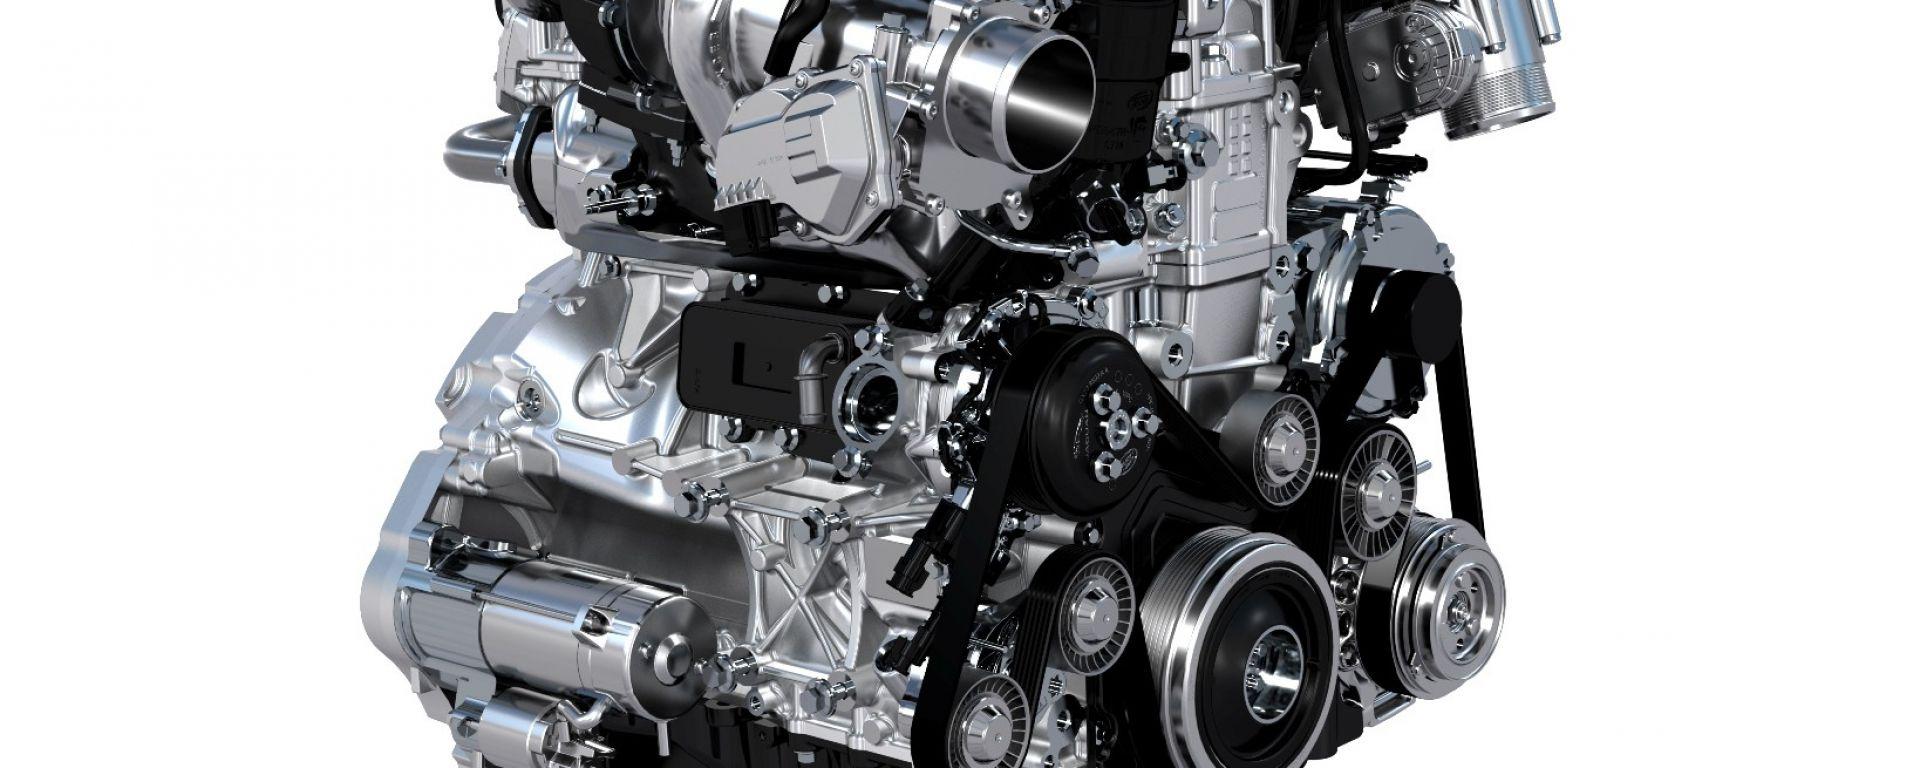 Jaguar Land Rover Ingenium